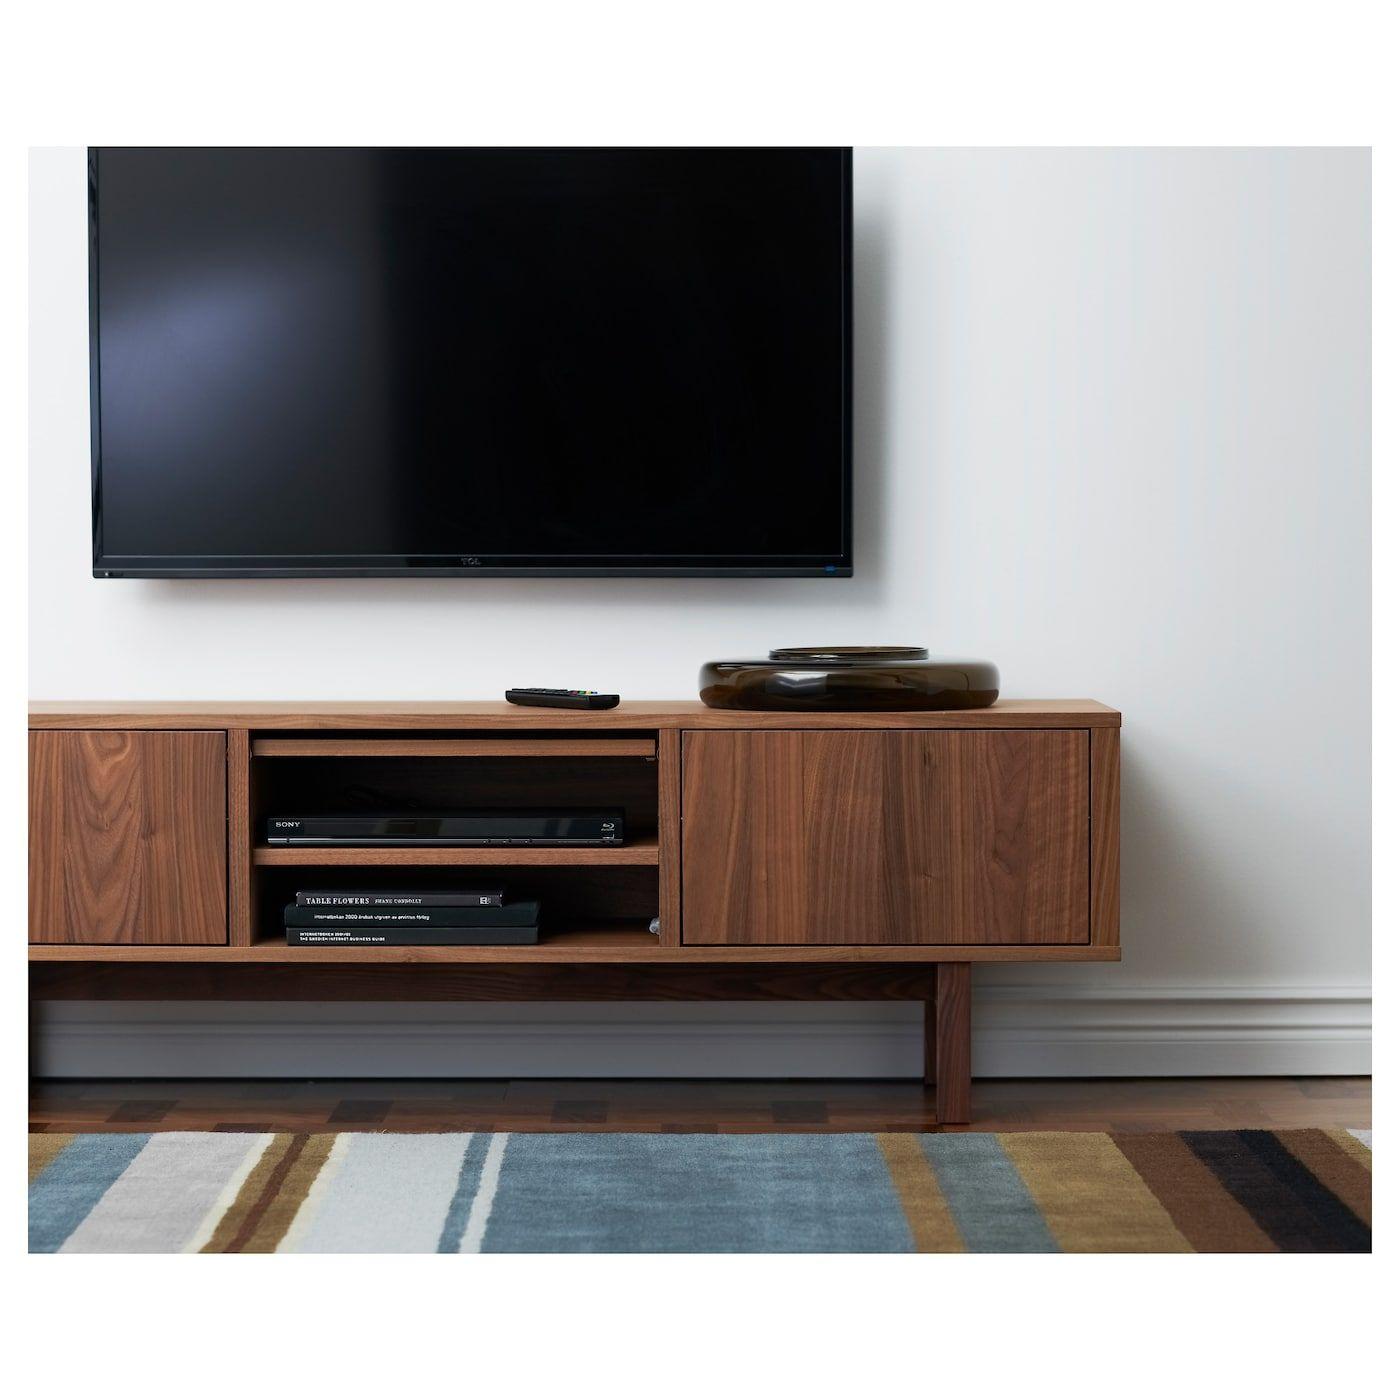 Retro Tv Meubel Ikea.Stockholm Tv Meubel Walnootfineer 160x40x50 Cm In 2020 Tv